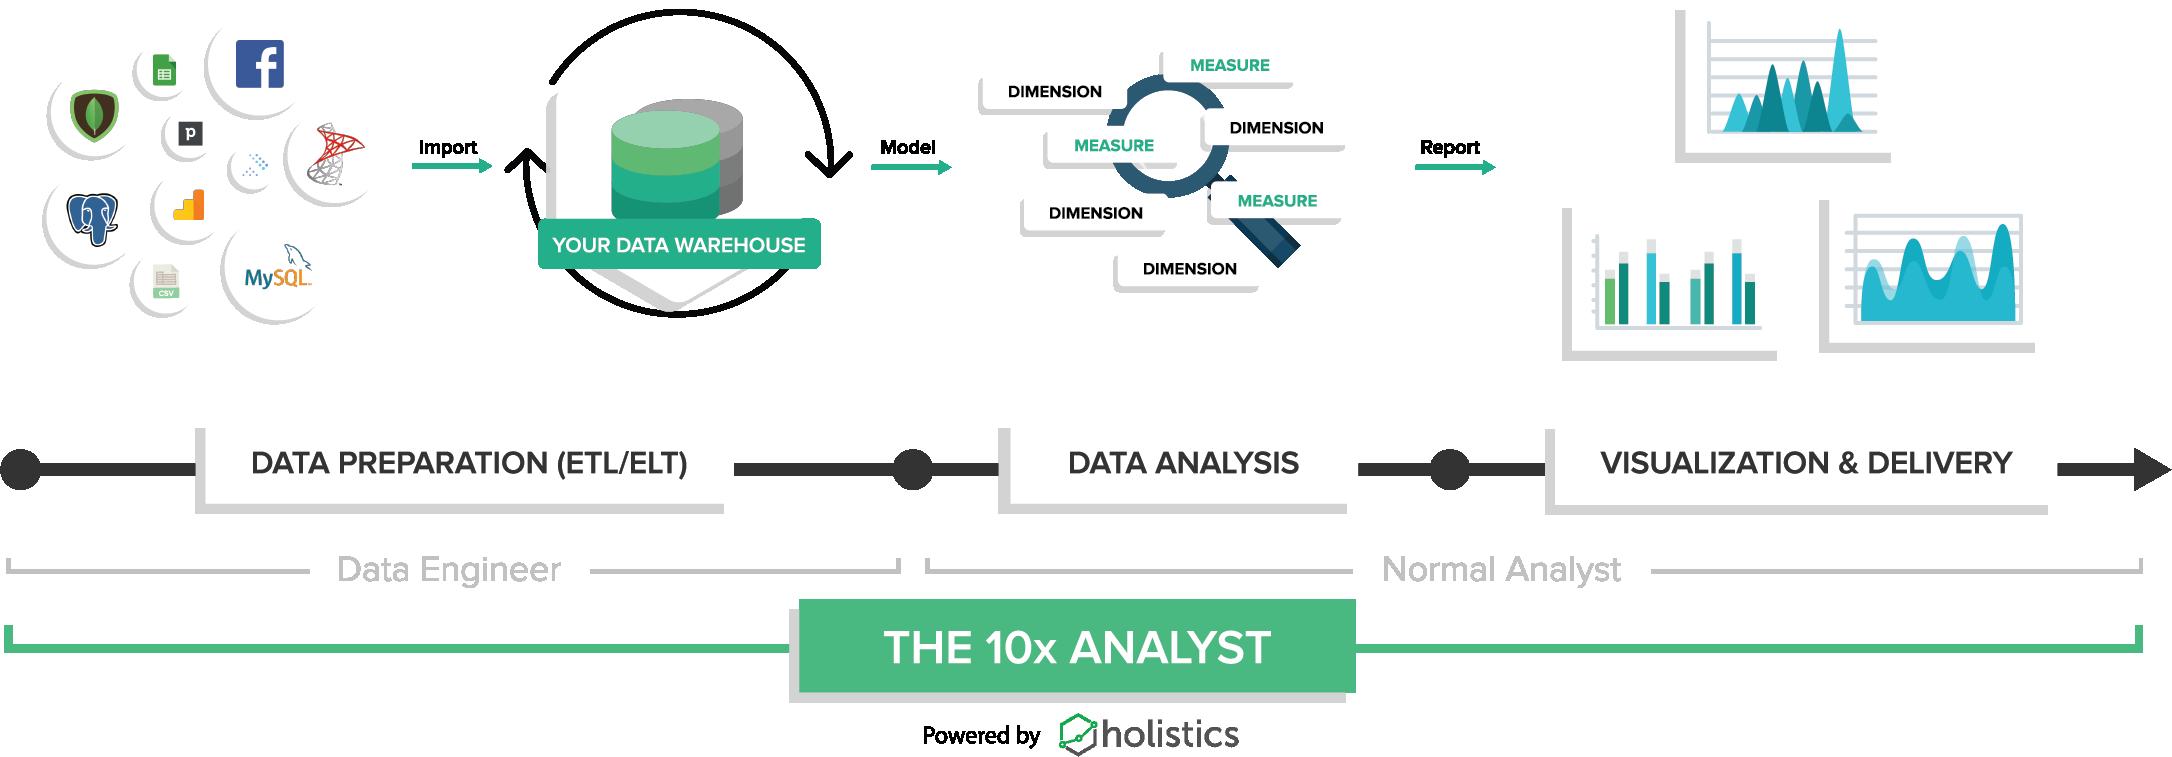 10x Data Analyst